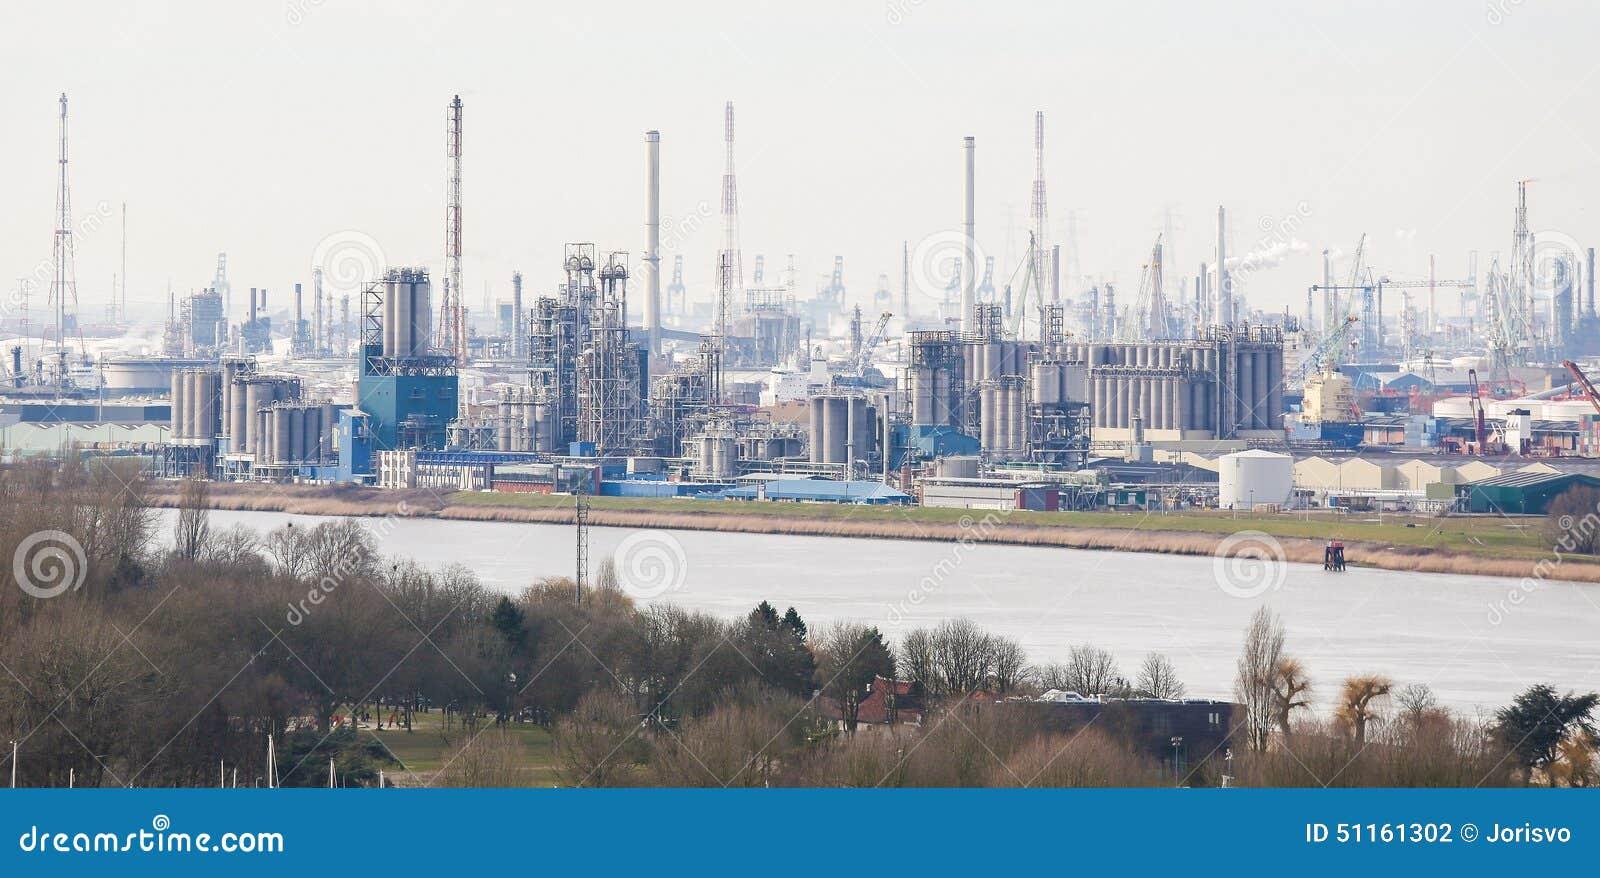 Vue sur un raffinerie de p trole dans le port d 39 anvers belgique photo stock image 51161302 - Port d anvers belgique adresse ...